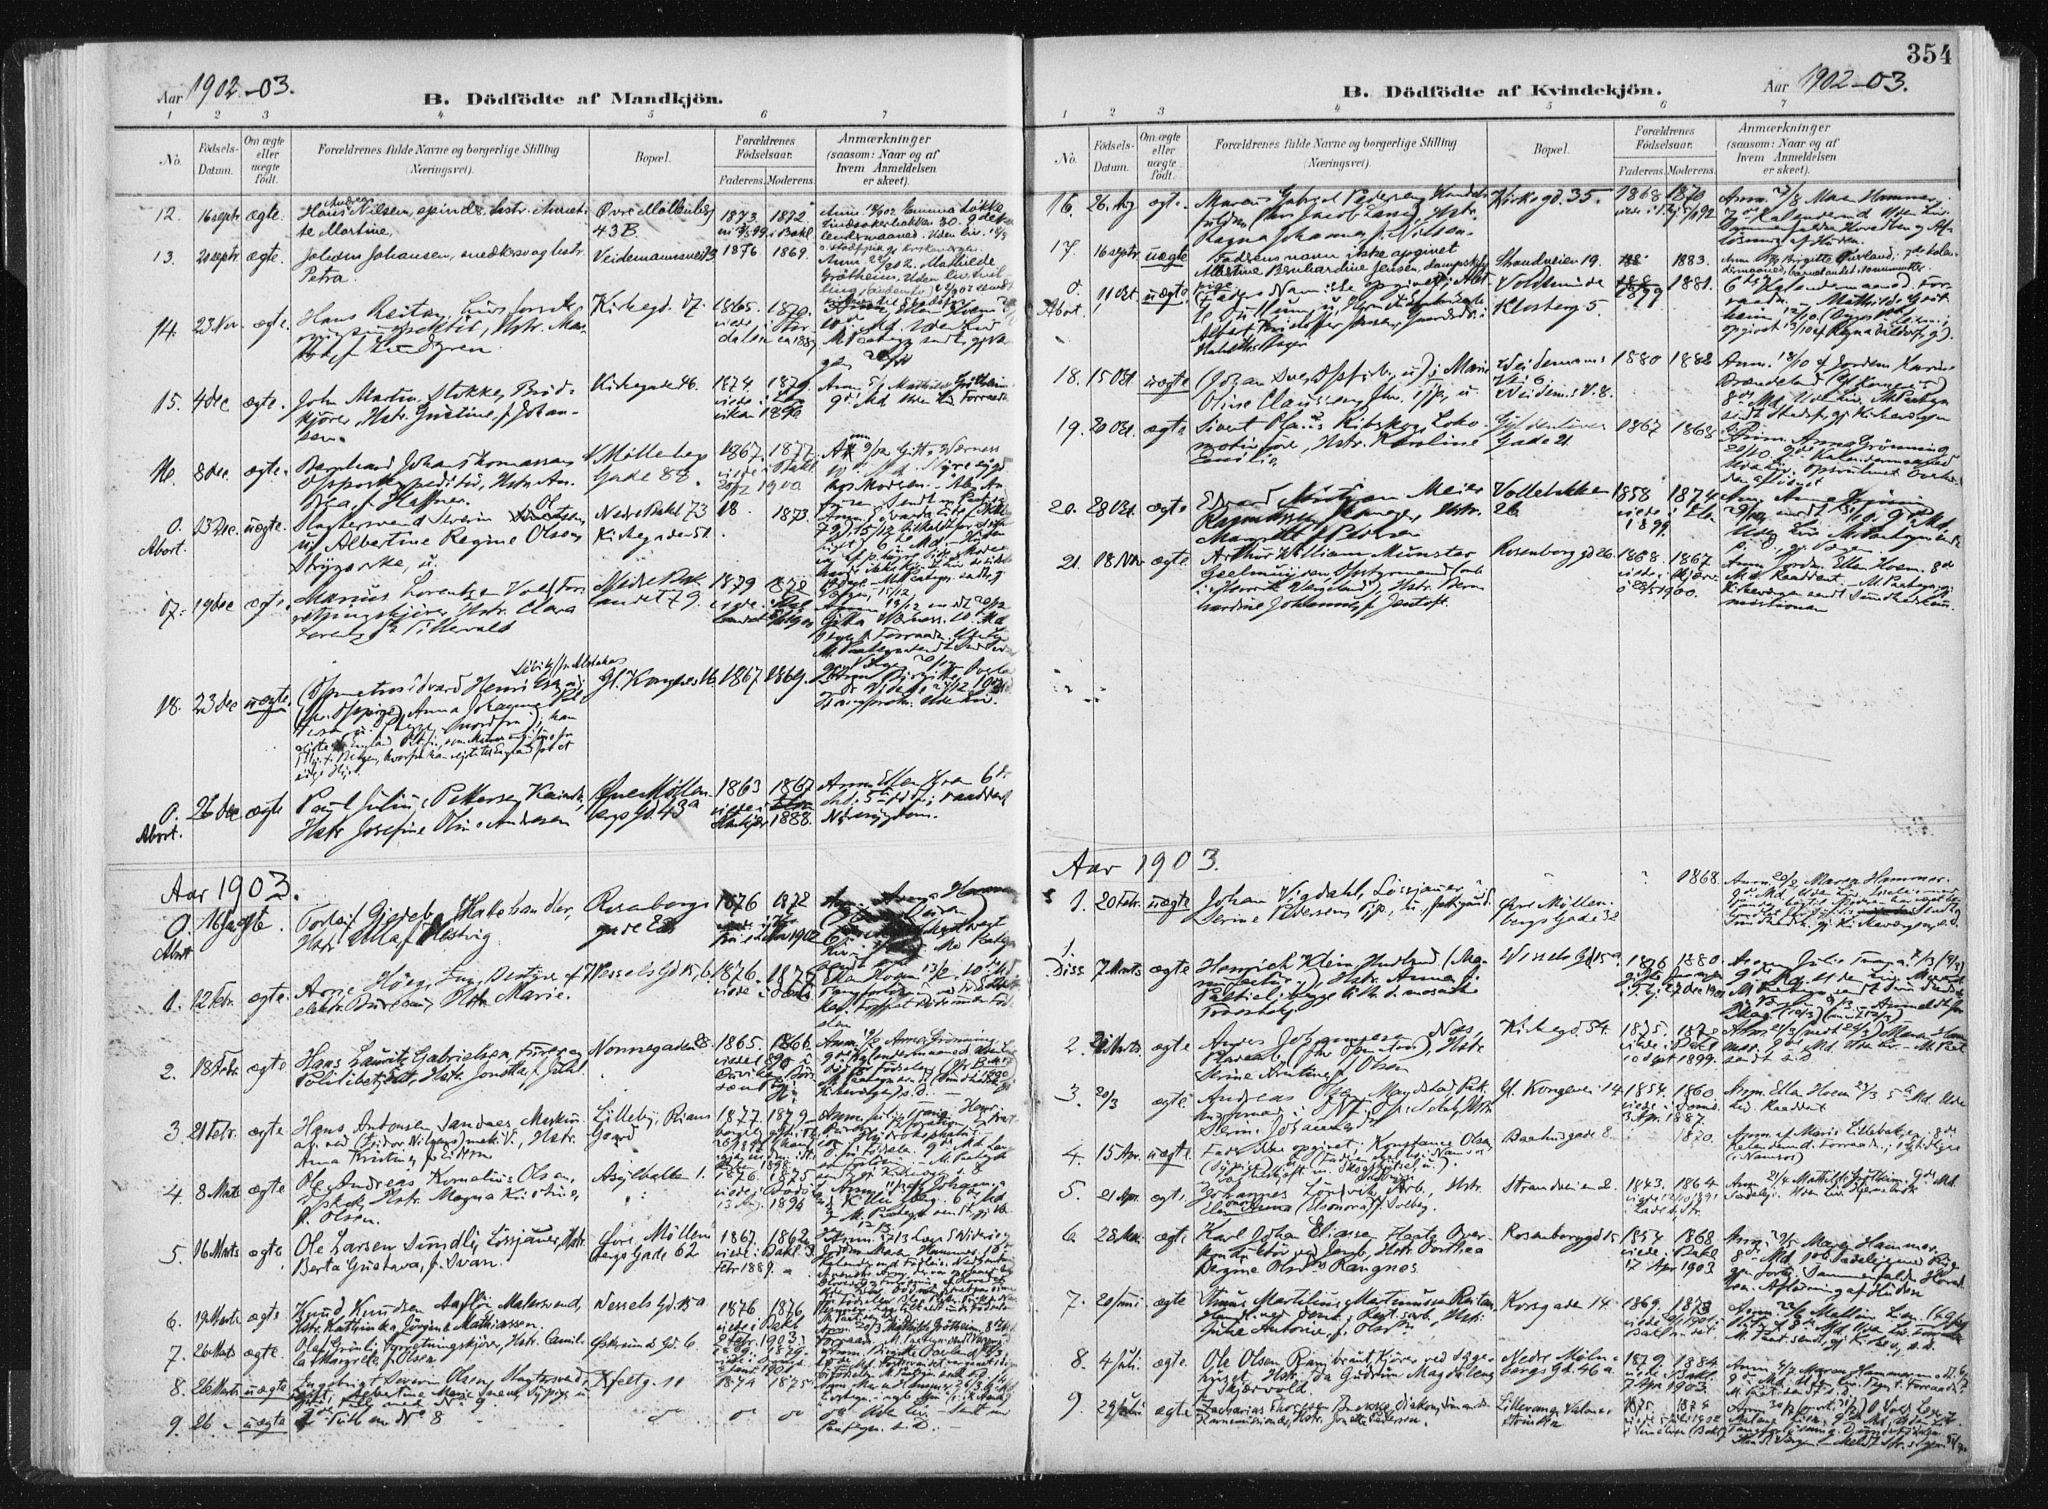 SAT, Ministerialprotokoller, klokkerbøker og fødselsregistre - Sør-Trøndelag, 604/L0200: Ministerialbok nr. 604A20II, 1901-1908, s. 354